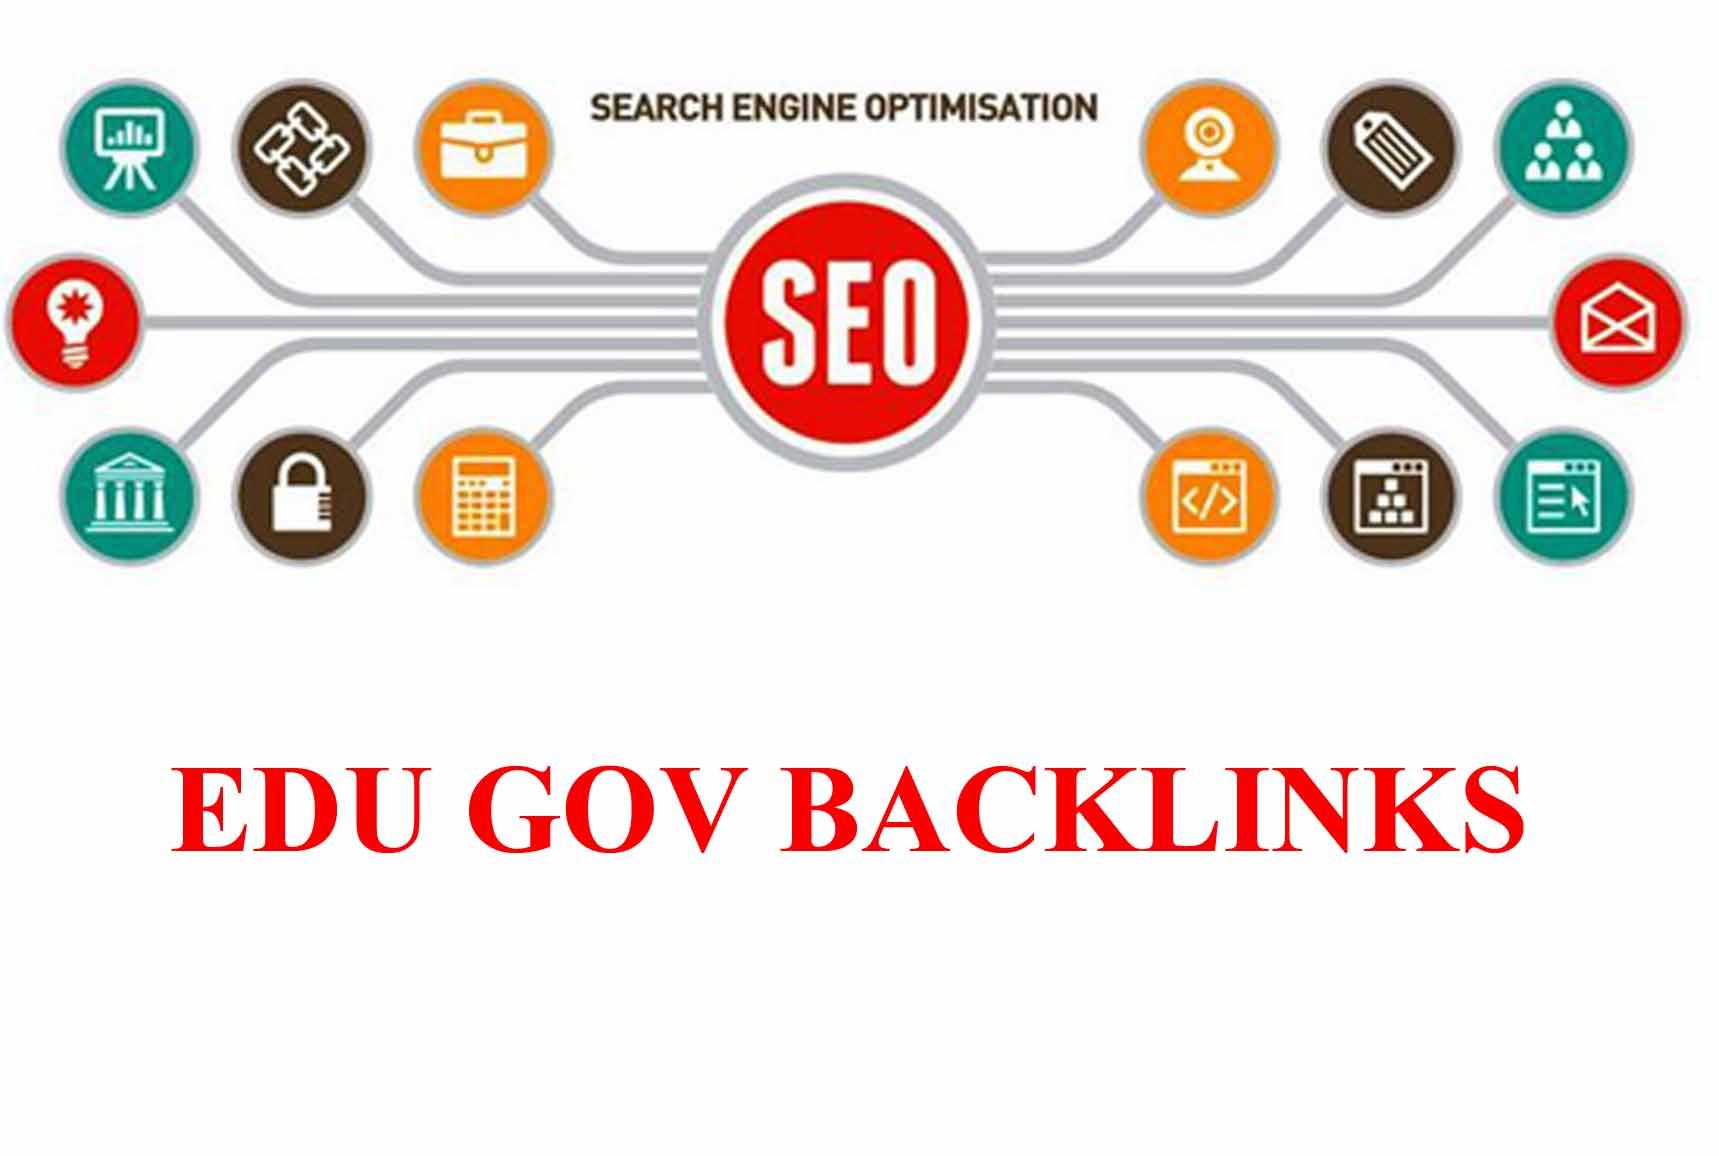 I Do 20 Edu gov Backlinks Google Ranking Your Site